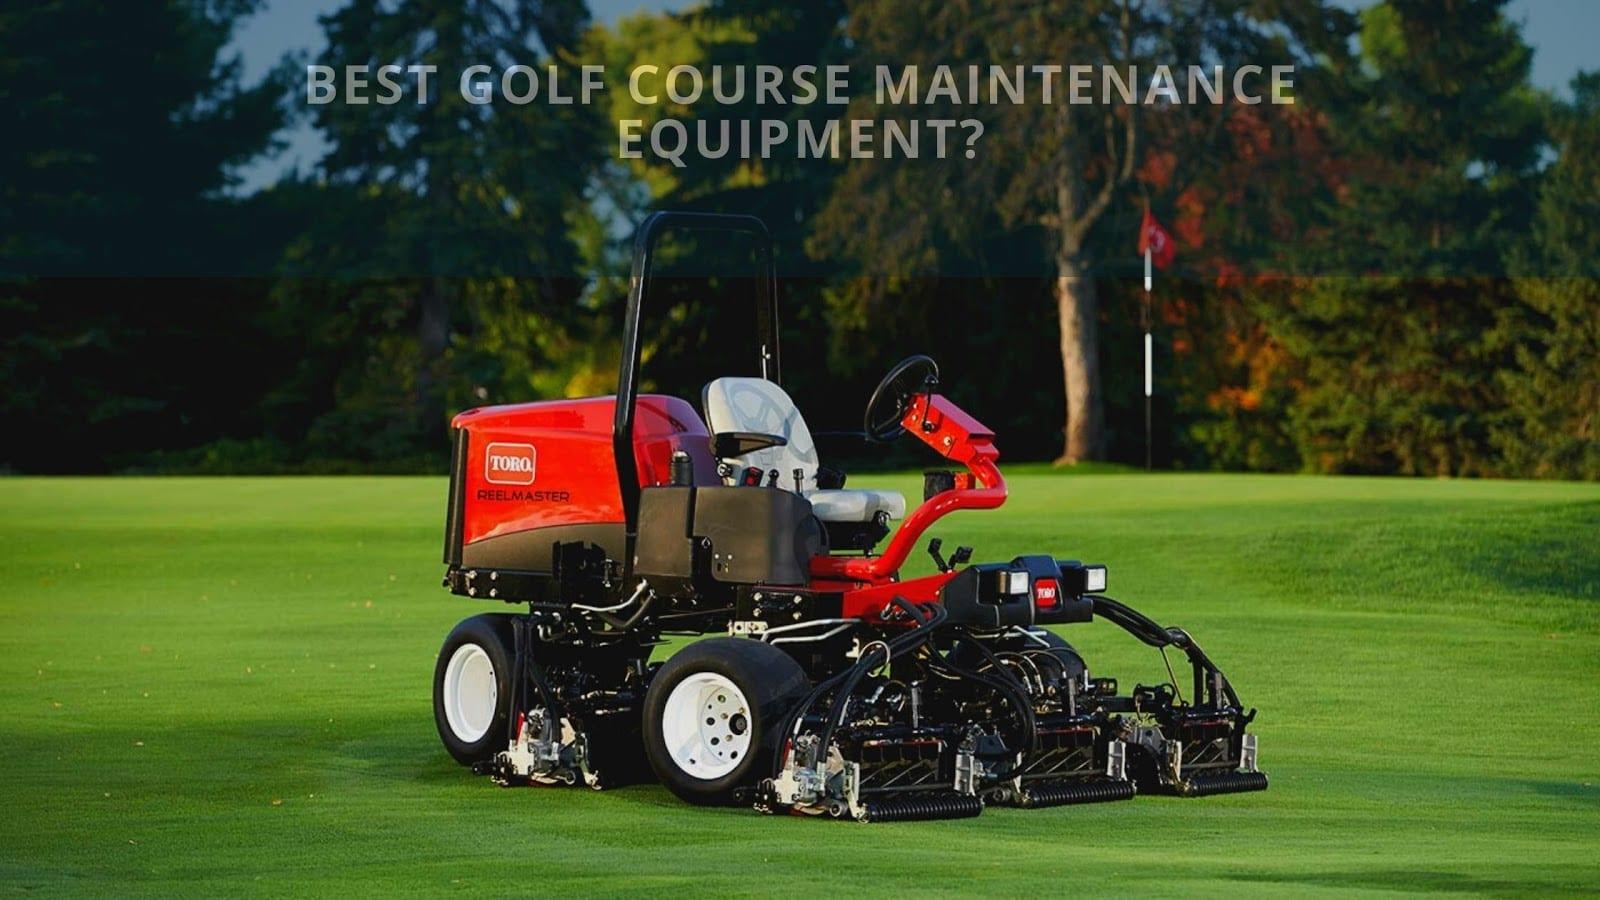 Best Golf Course Maintenance Equipment